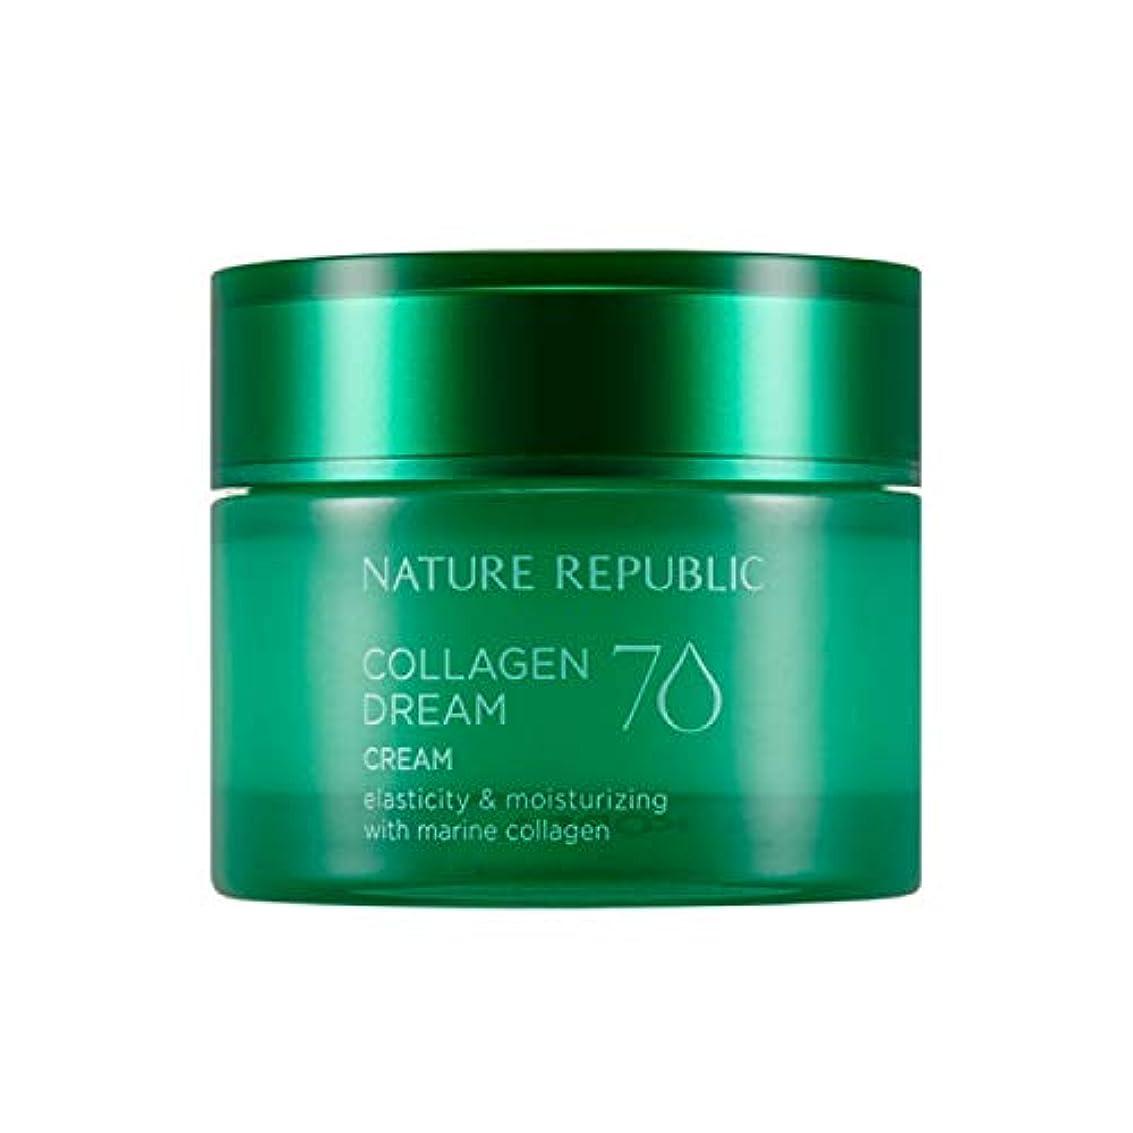 マーカーフィドル大事にするネイチャーリパブリック(Nature Republic)コラーゲンドリーム70クリーム 50ml / Collagen Dream 70 Cream 50ml :: 韓国コスメ [並行輸入品]